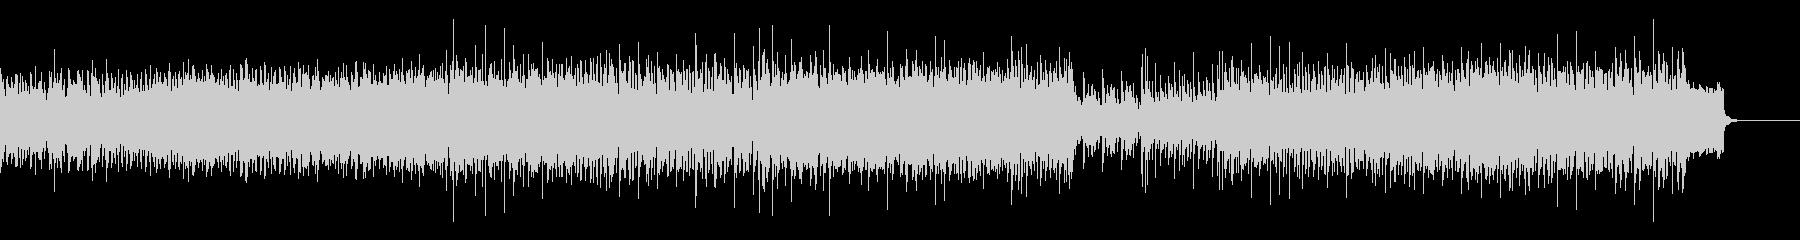 怪しげな重低音EDMの未再生の波形